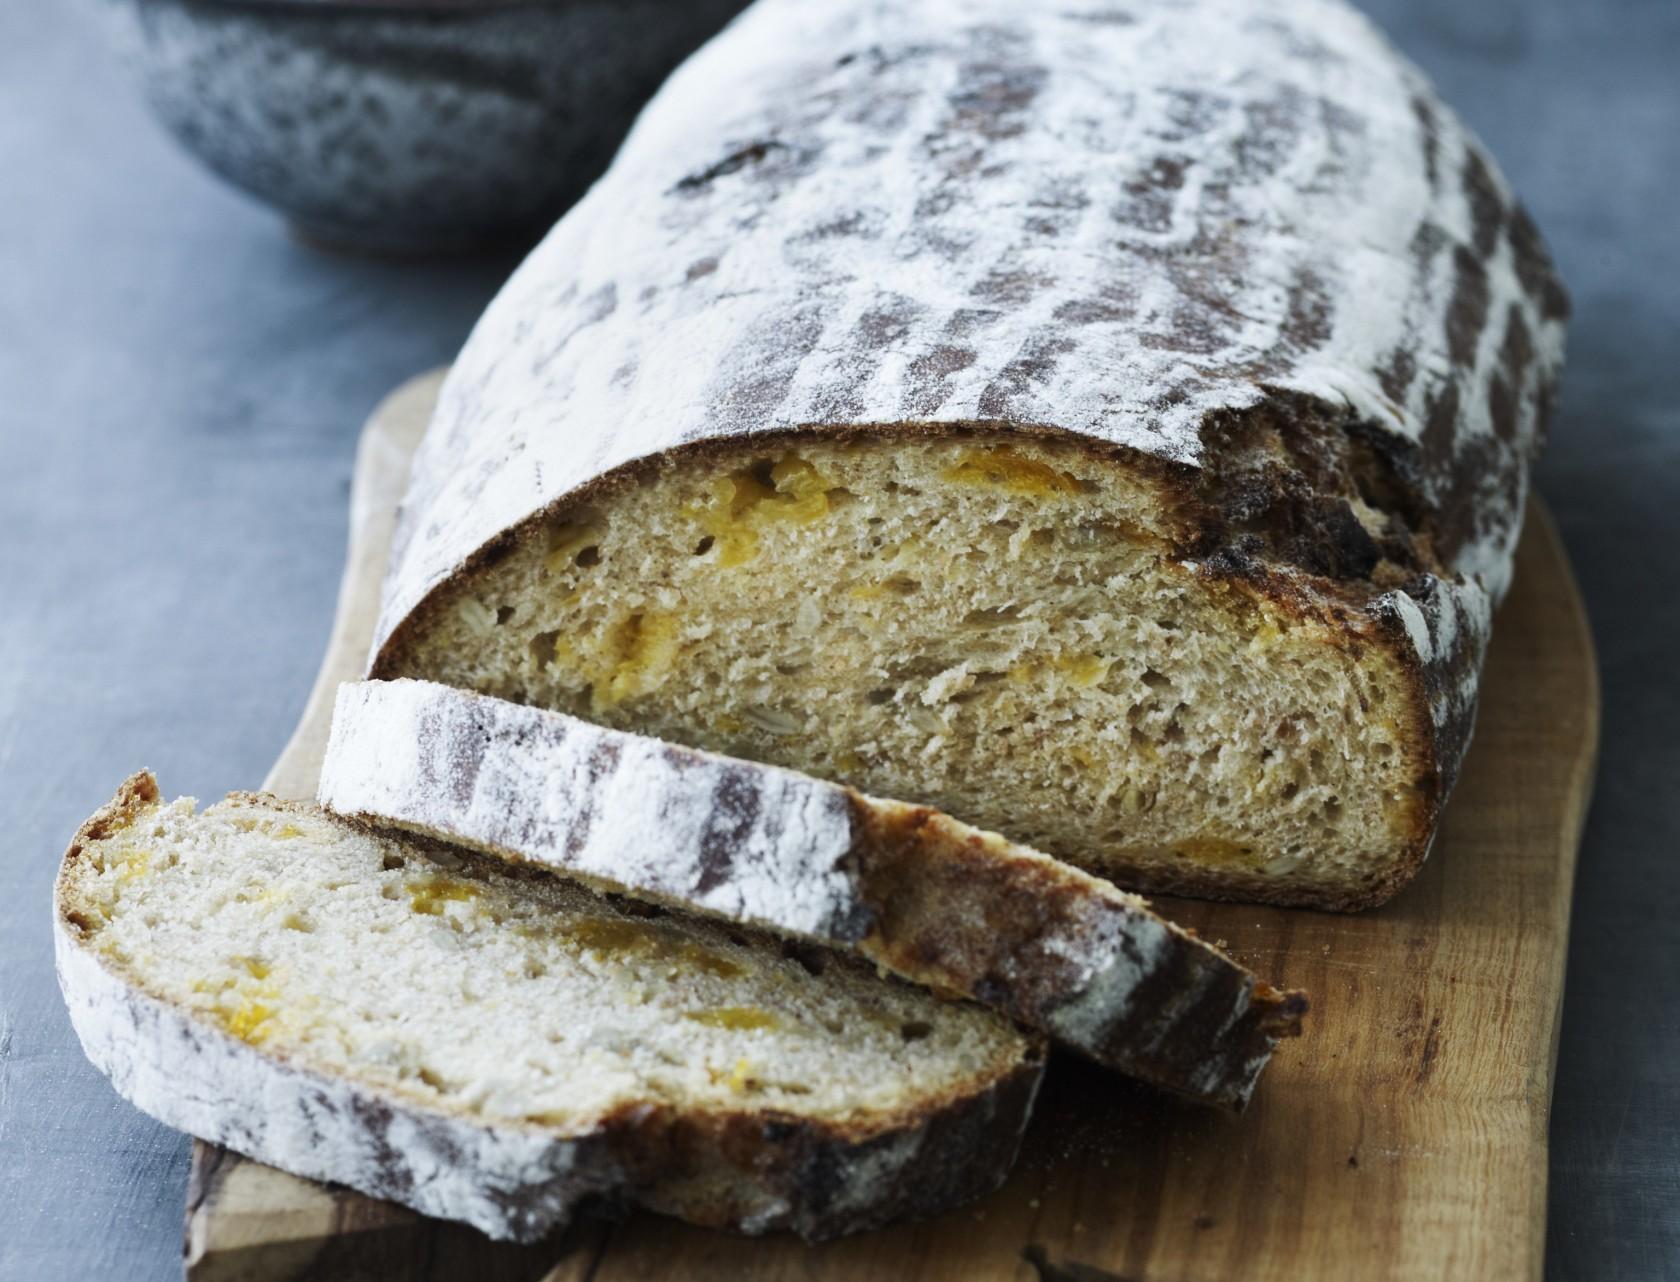 Speltbrød med solsikkekerner - virkelig lækker opskrift på hjemmebagt brød.